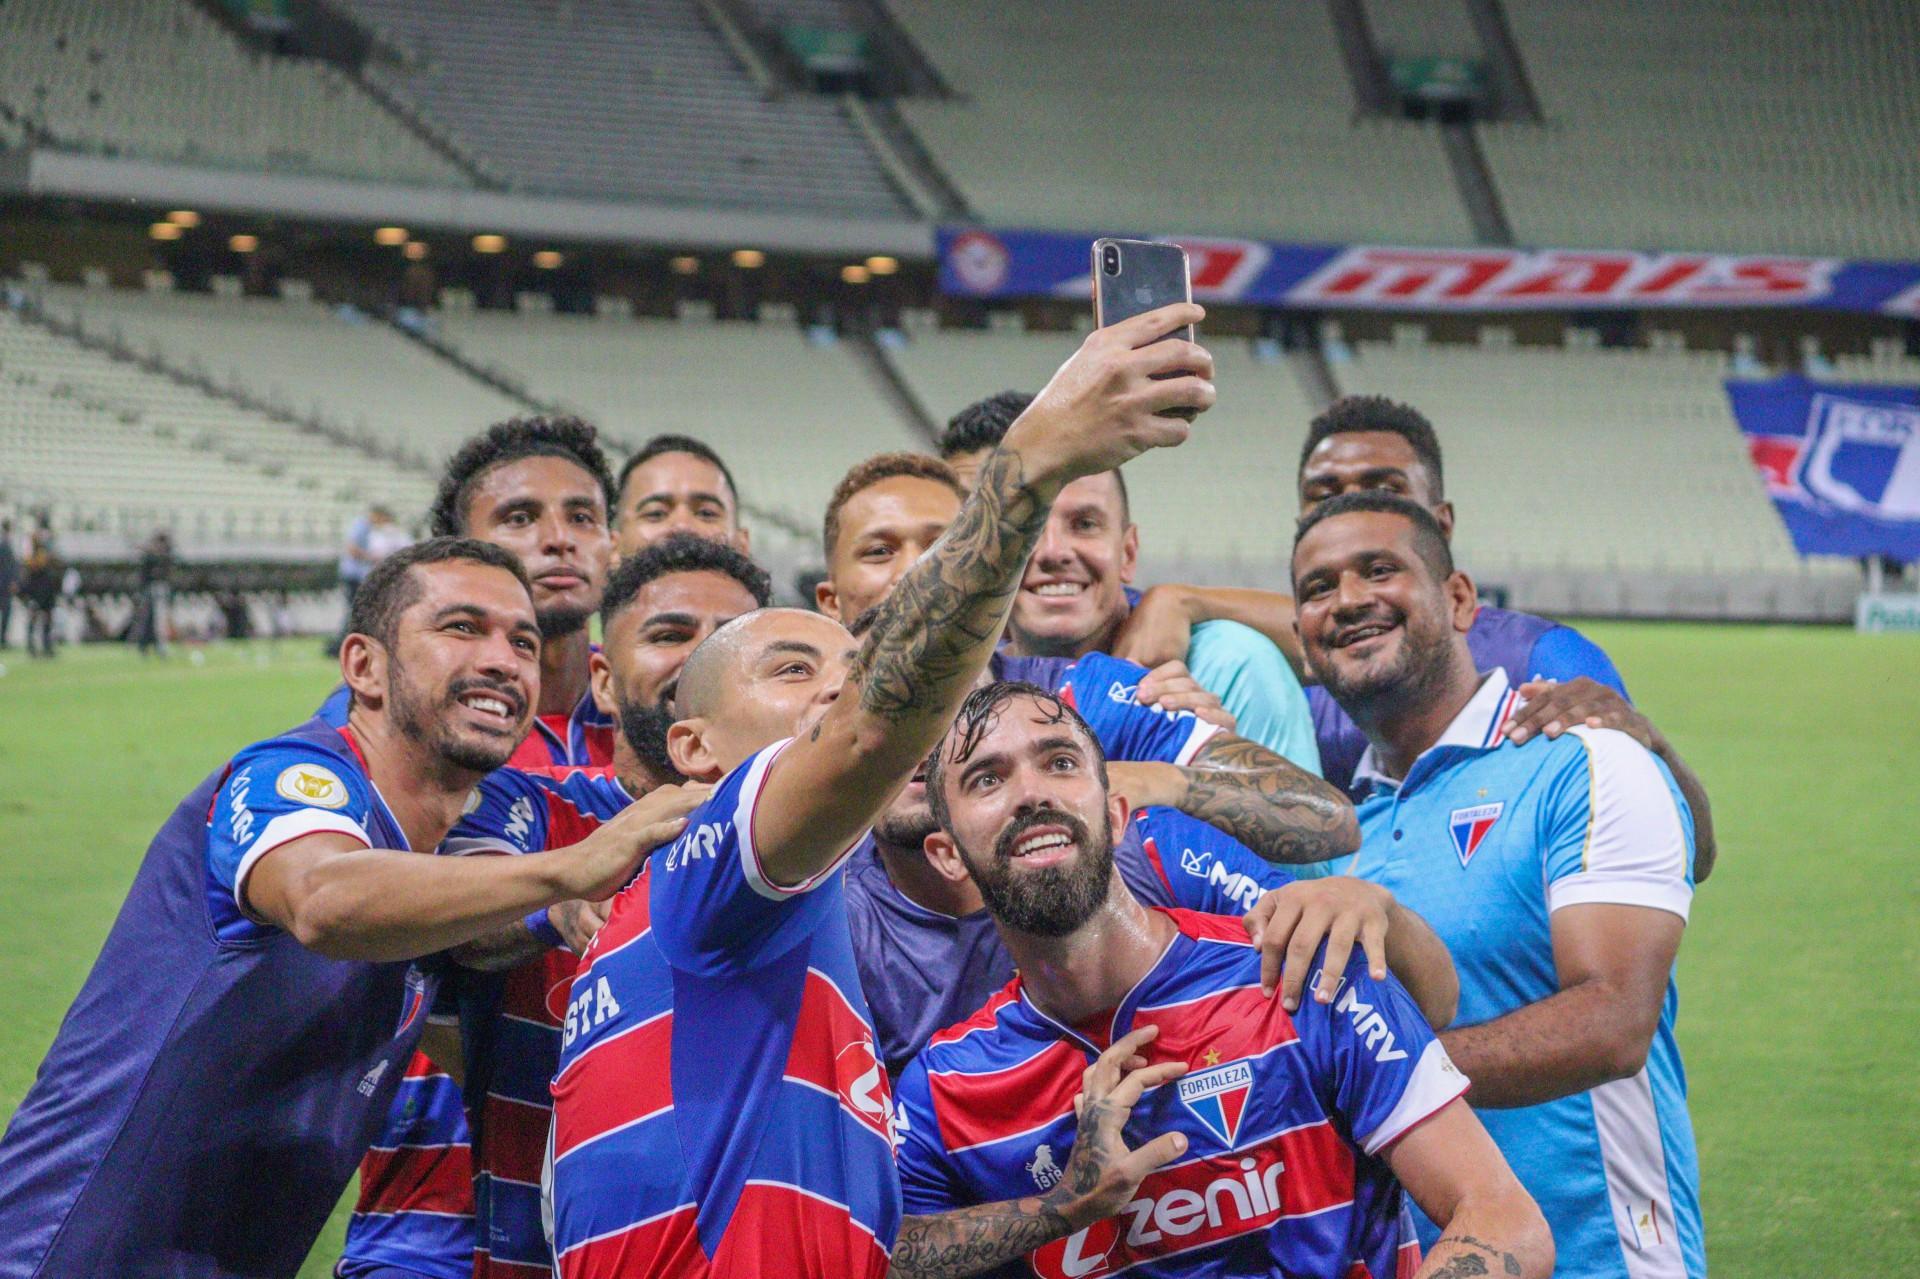 (Foto: Bruno Oliveira/Fortaleza EC)Wellington Paulista tira selfie em comemoração de gol no jogo Fortaleza x Sport, na Arena Castelão, pela Série A